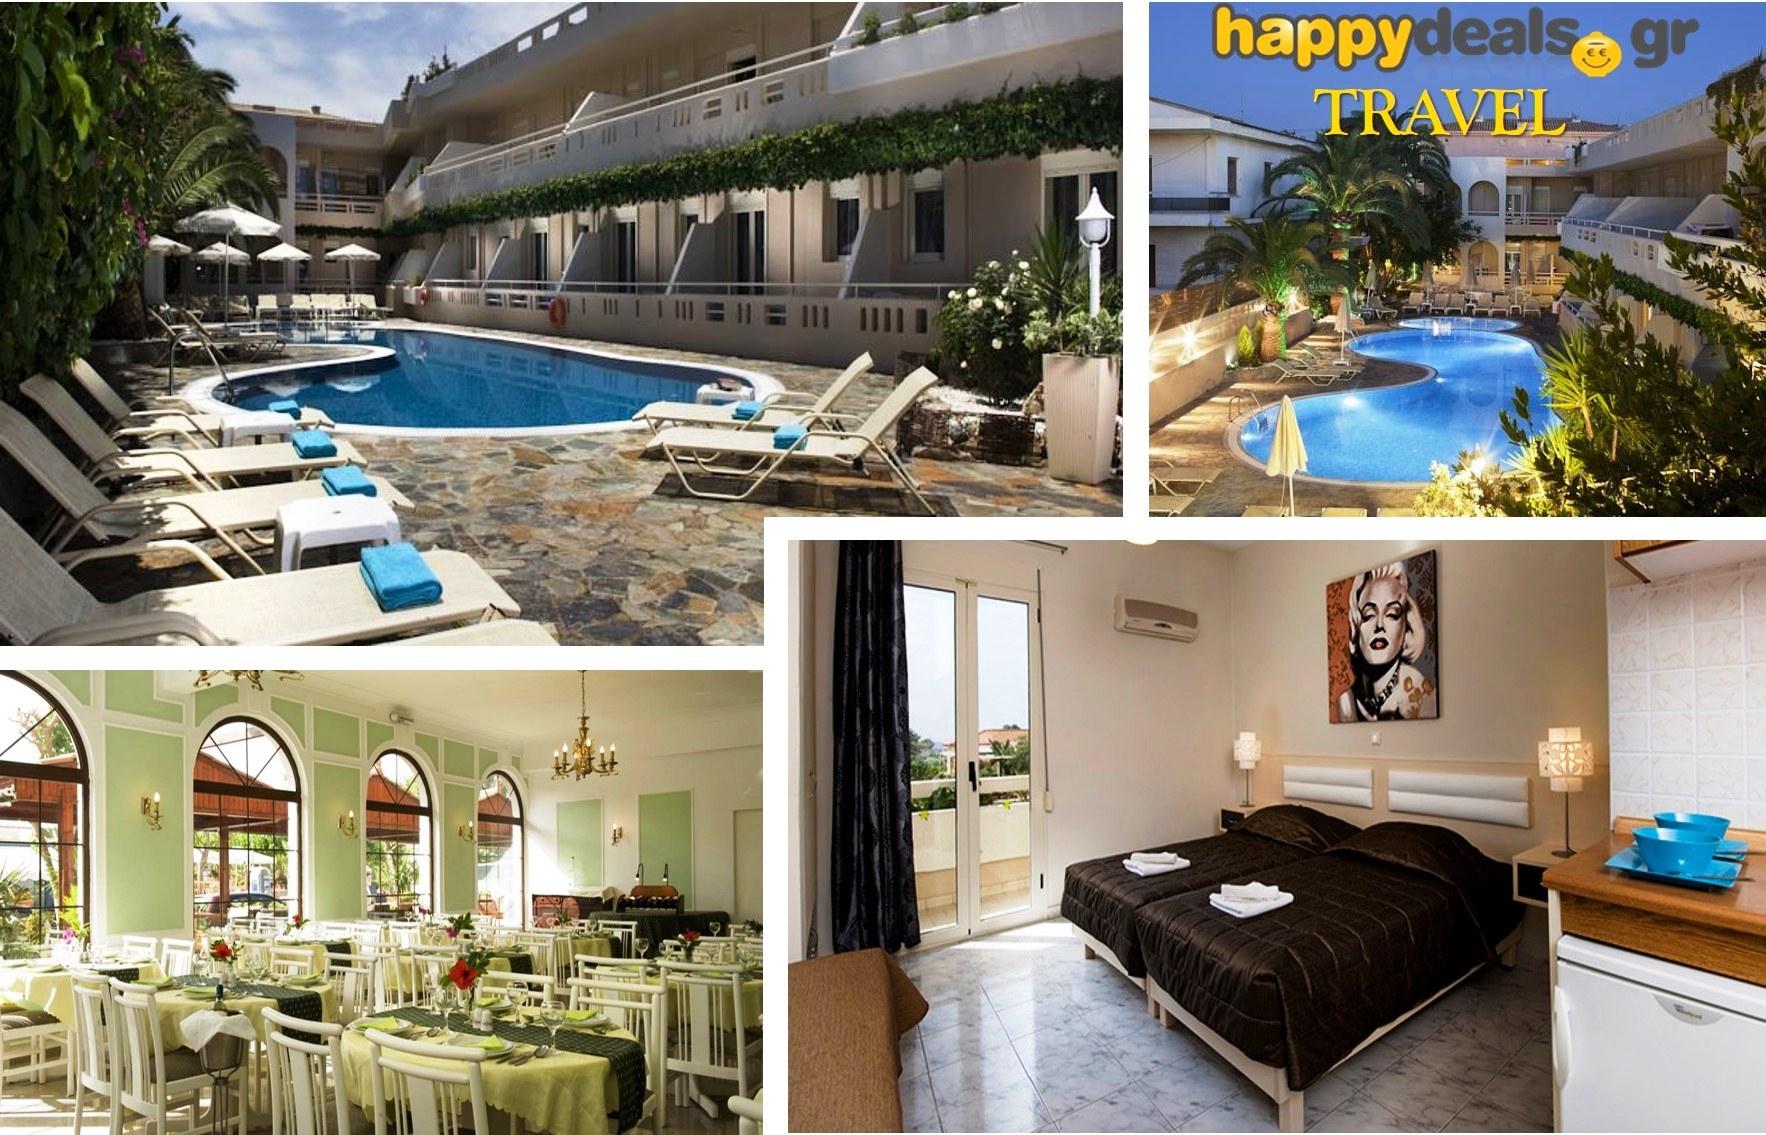 Διακοπές στην ΚΡΗΤΗ: Από 70€ για 5ήμερη απόδραση στο πανέμορφο ''Hotel Axos'' στον Πλατανιά Ρεθύμνου εικόνα